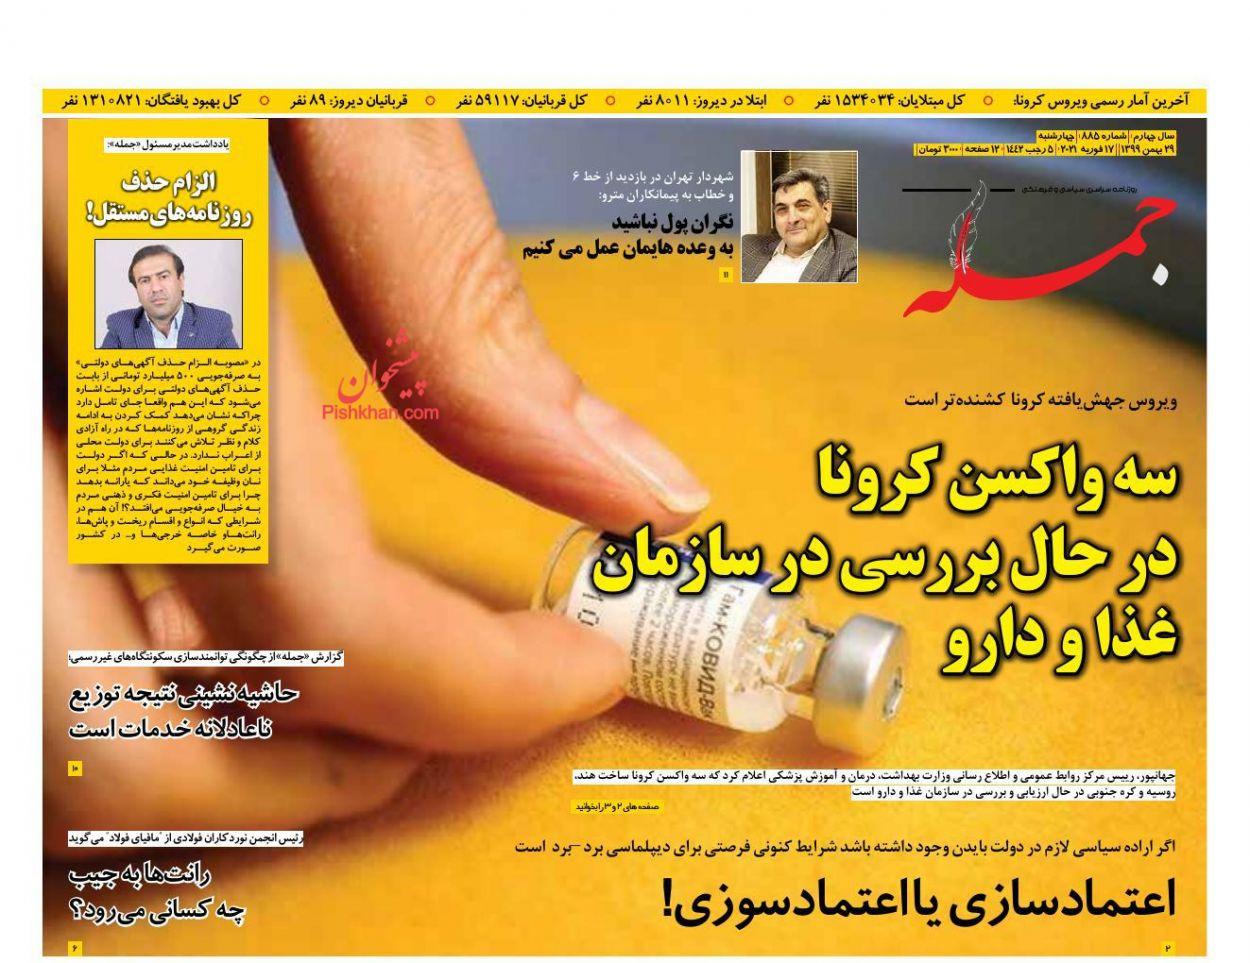 عناوین اخبار روزنامه جمله در روز چهارشنبه ۲۹ بهمن